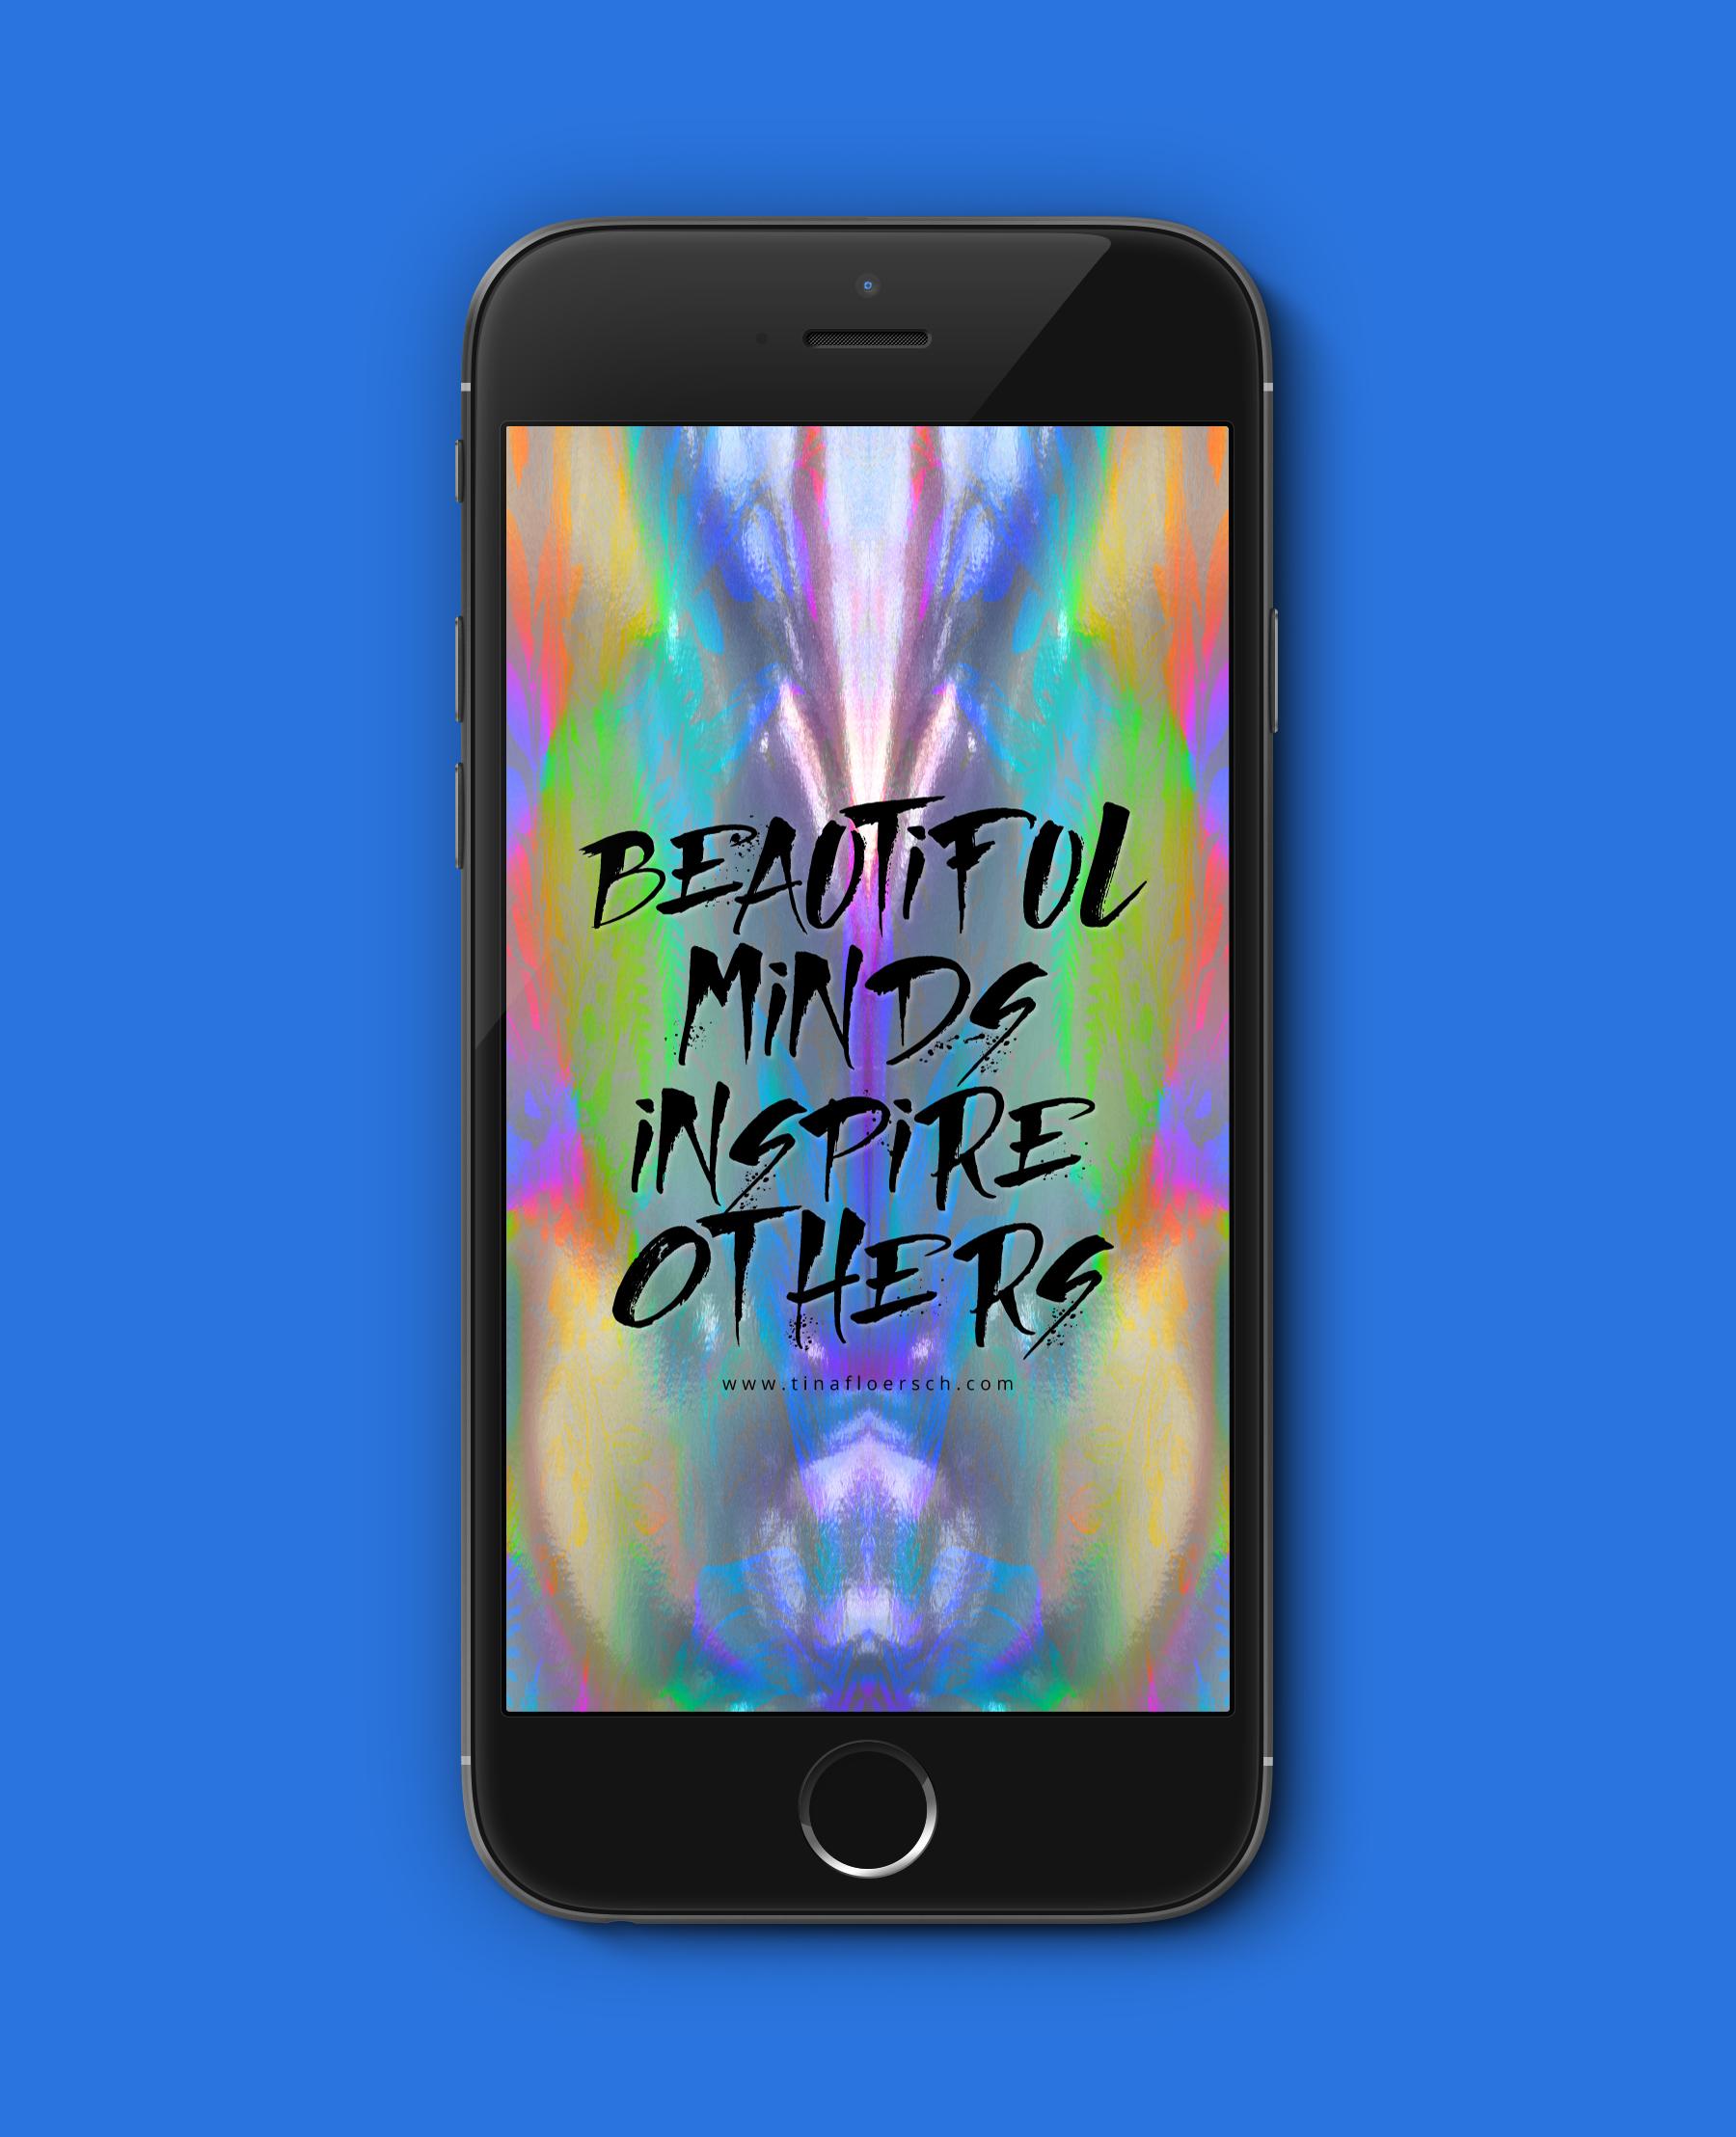 iPhone 6    |  iPhone 6 Plus   |